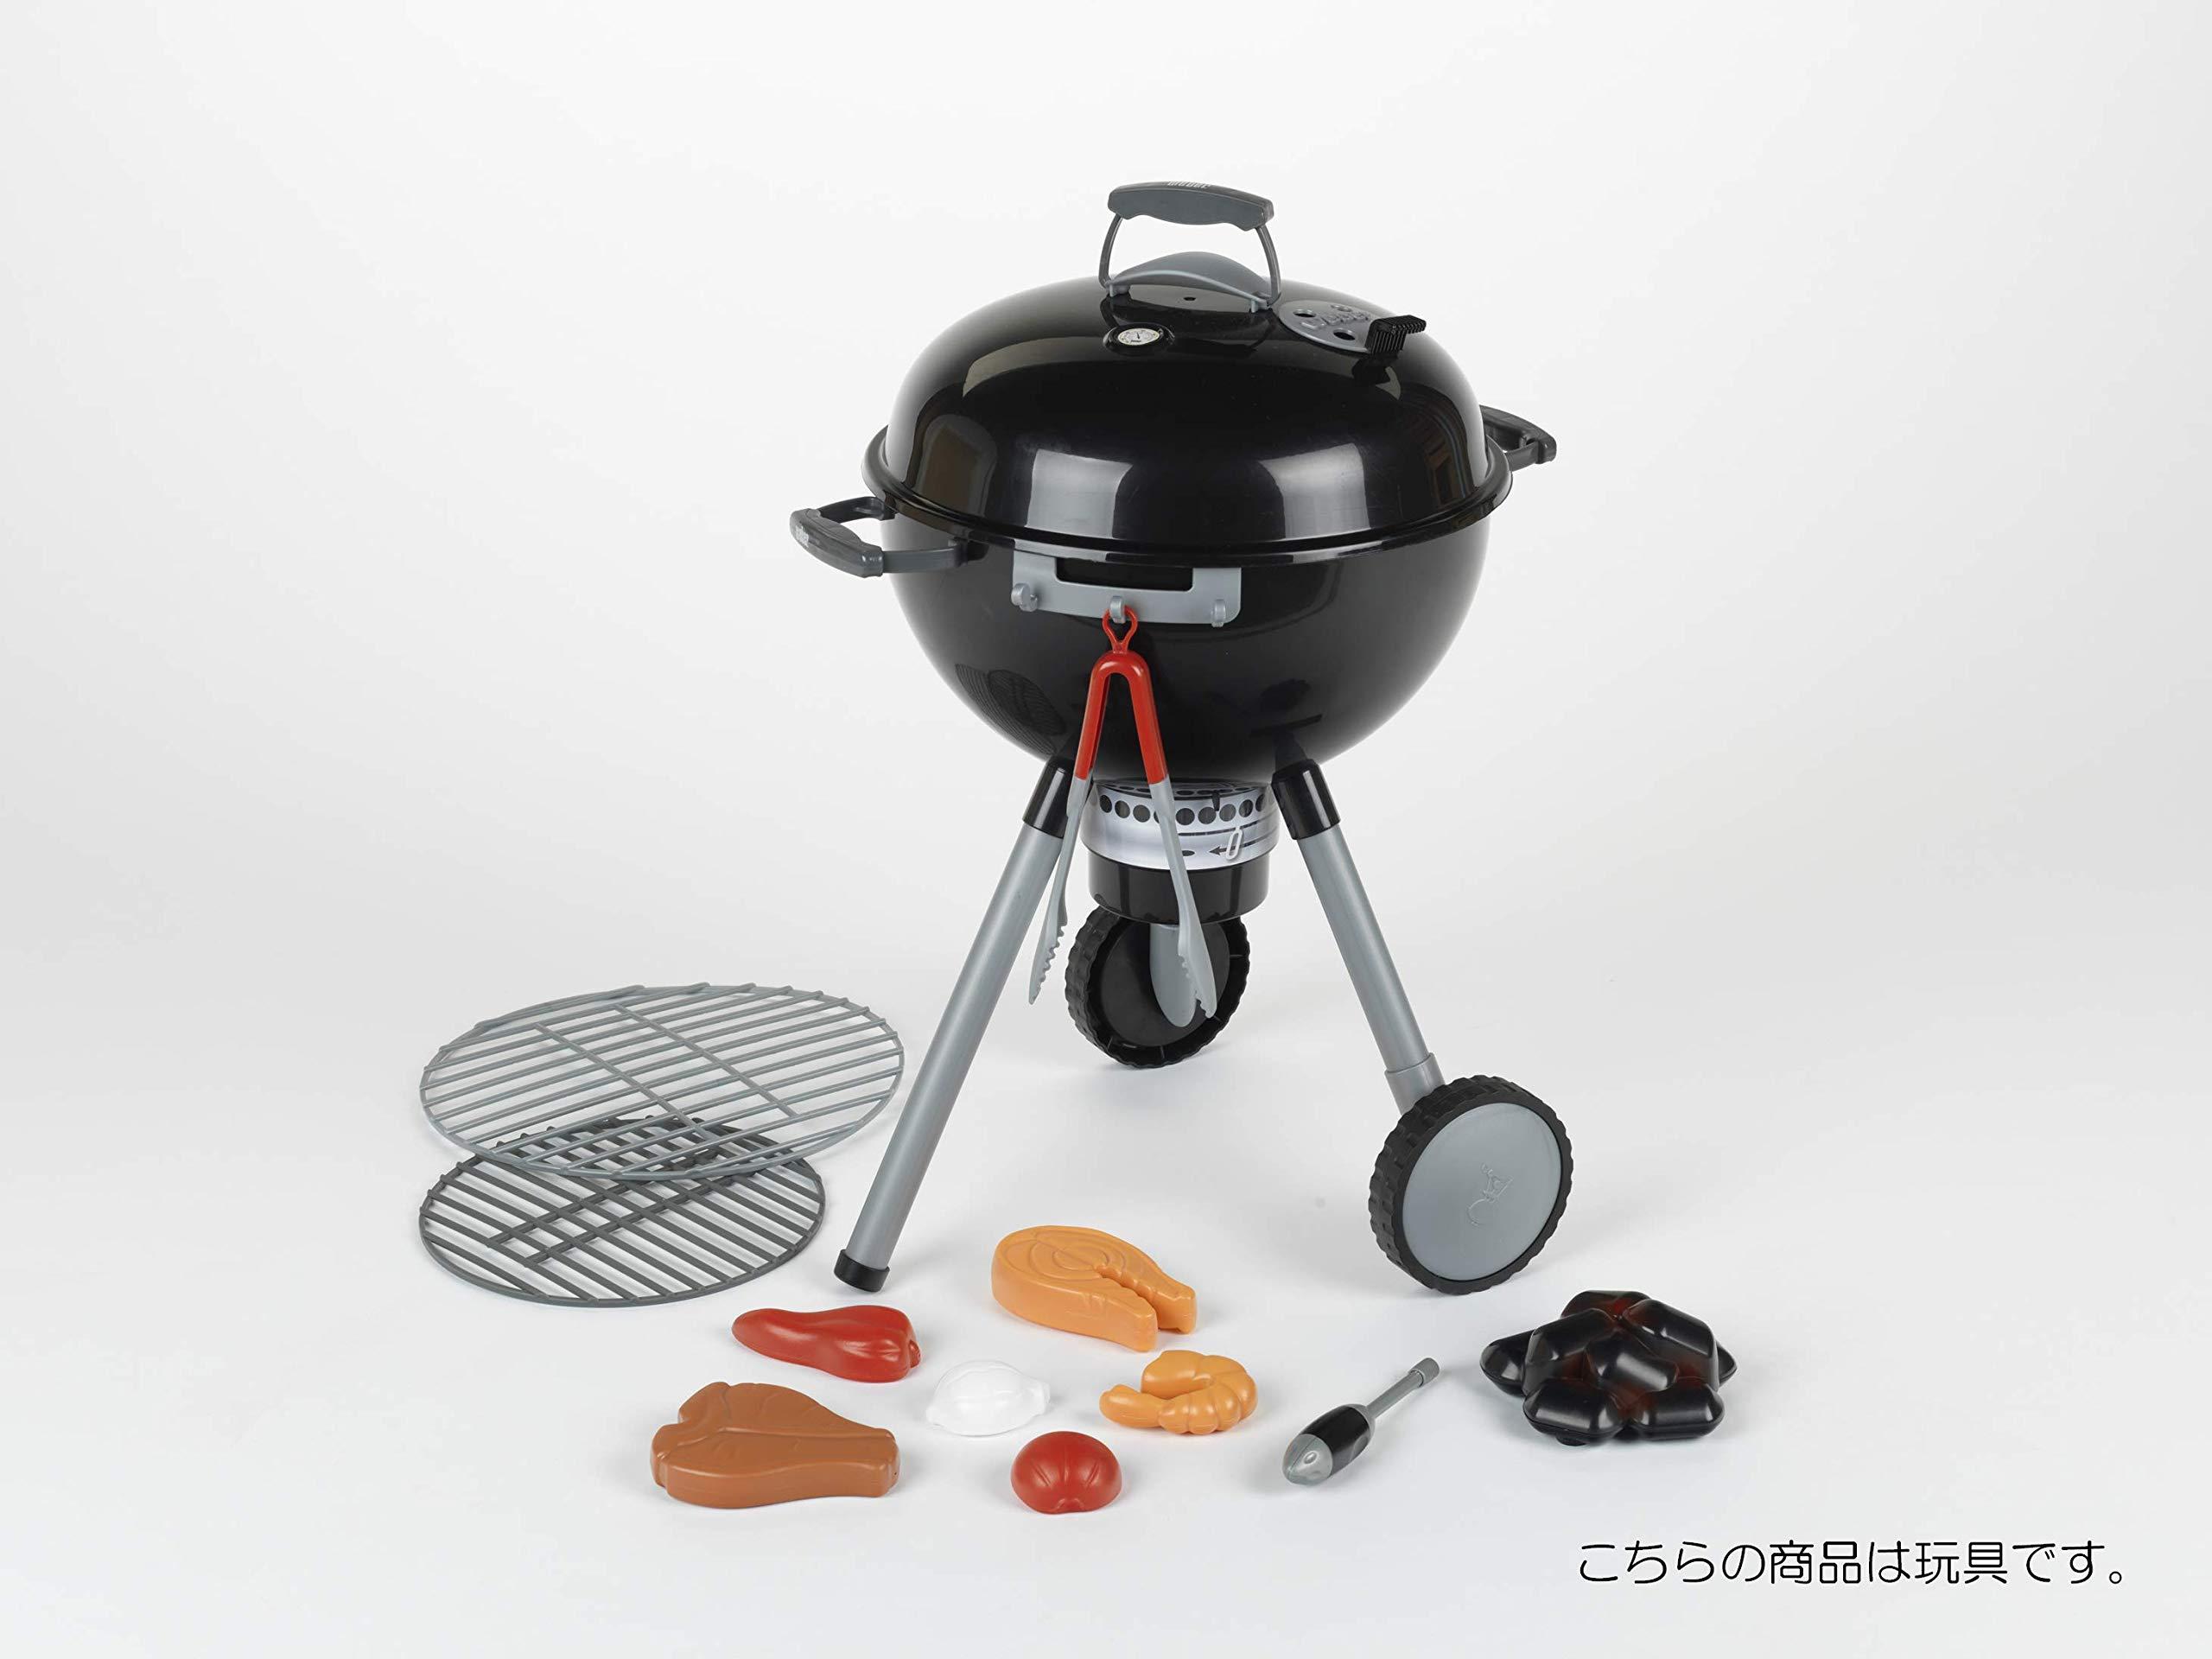 Luce per barbecue in muratura come cucinare con il barbecue